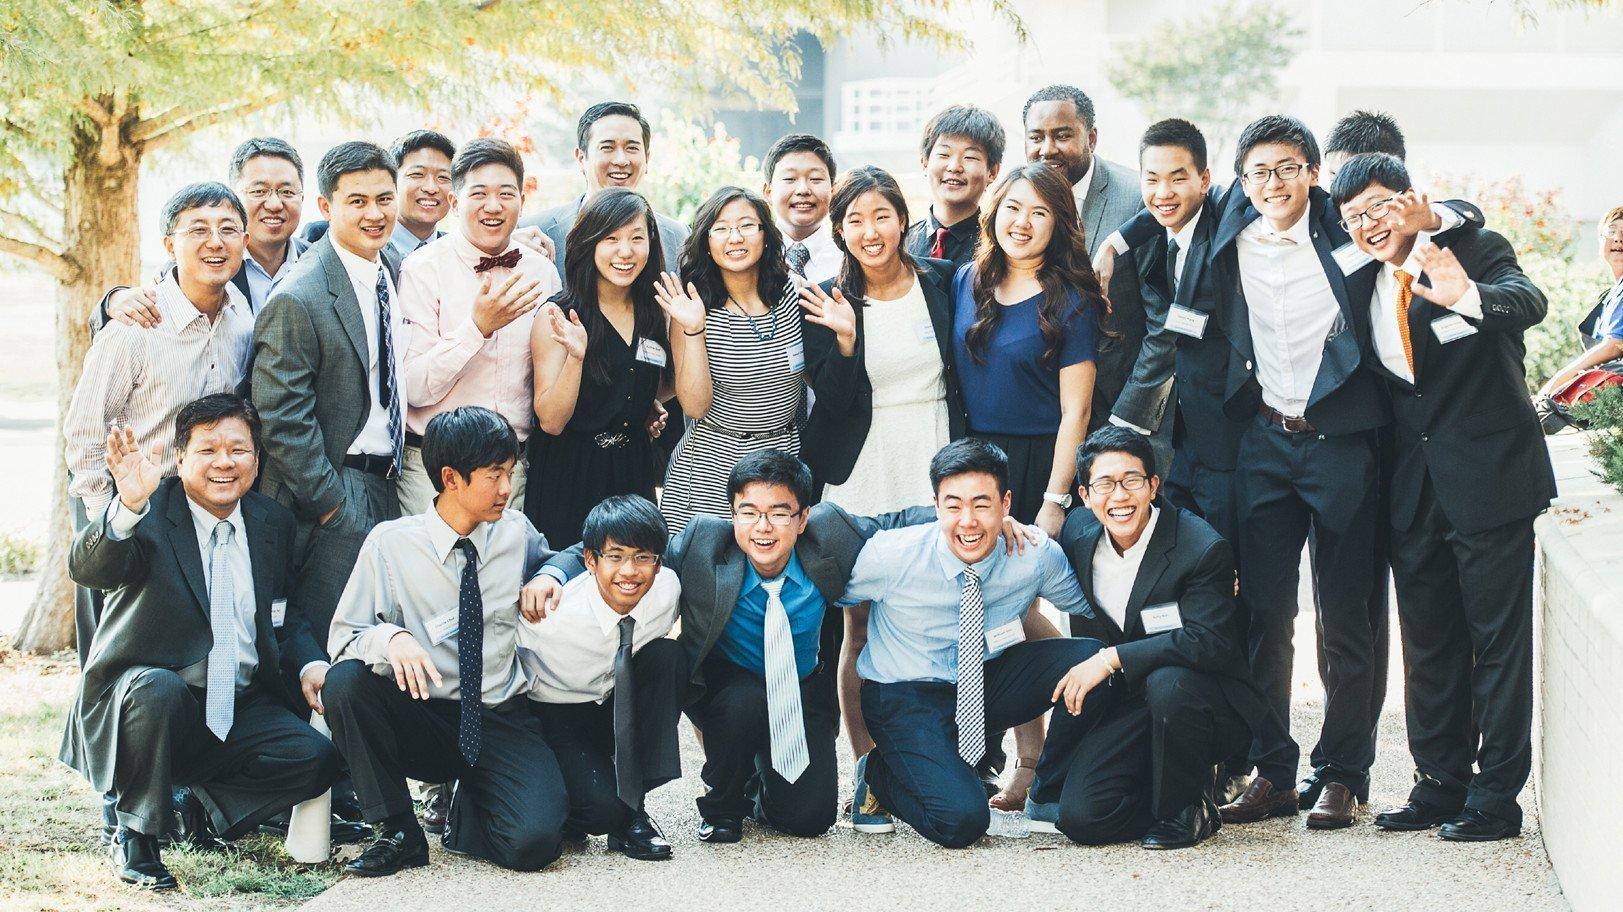 2017 Youth Empowerment Seminar